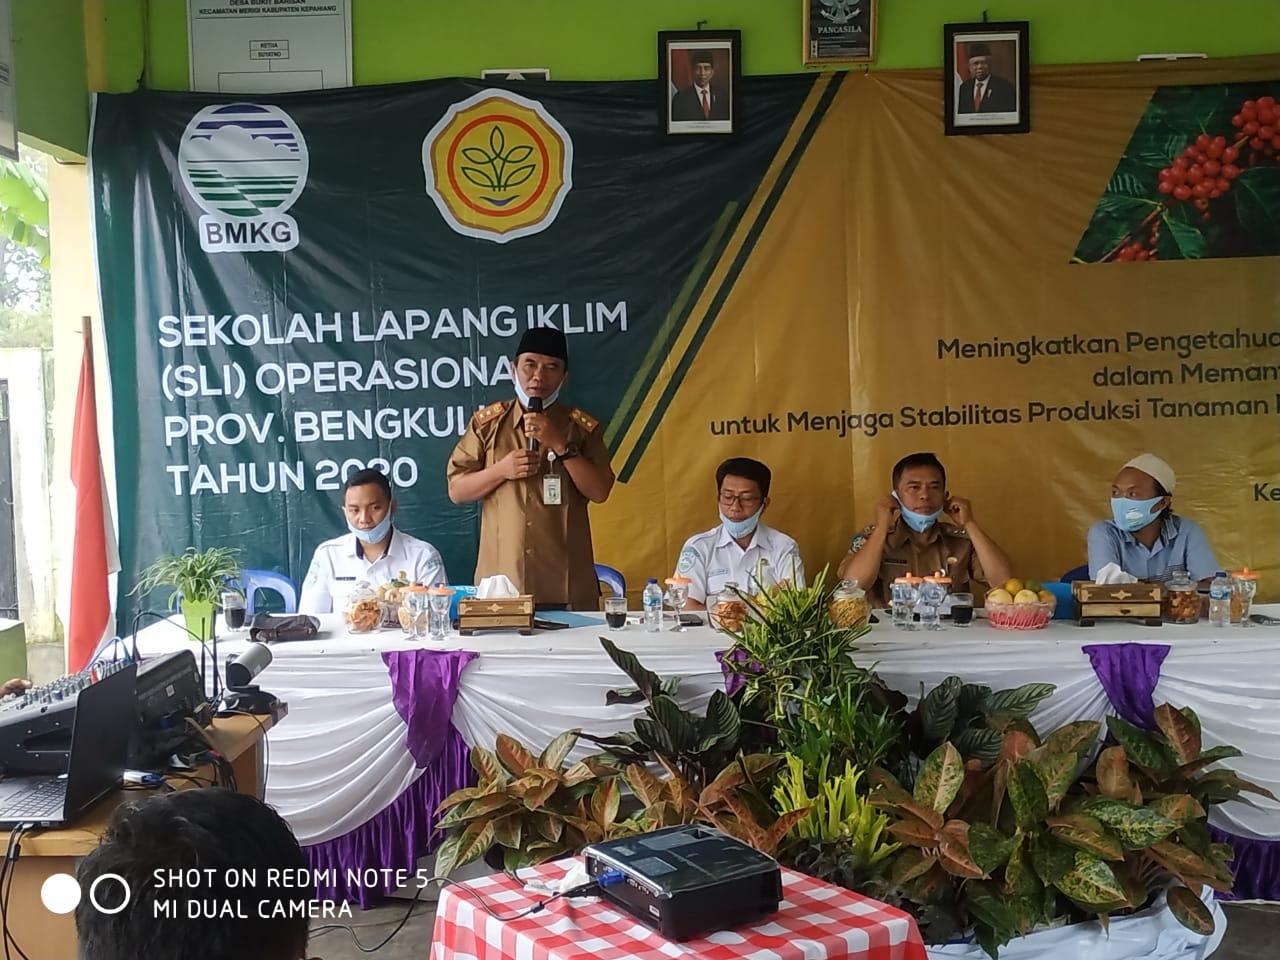 BMKG Bengkulu Pembukaan Sekolah Lapangan Iklim